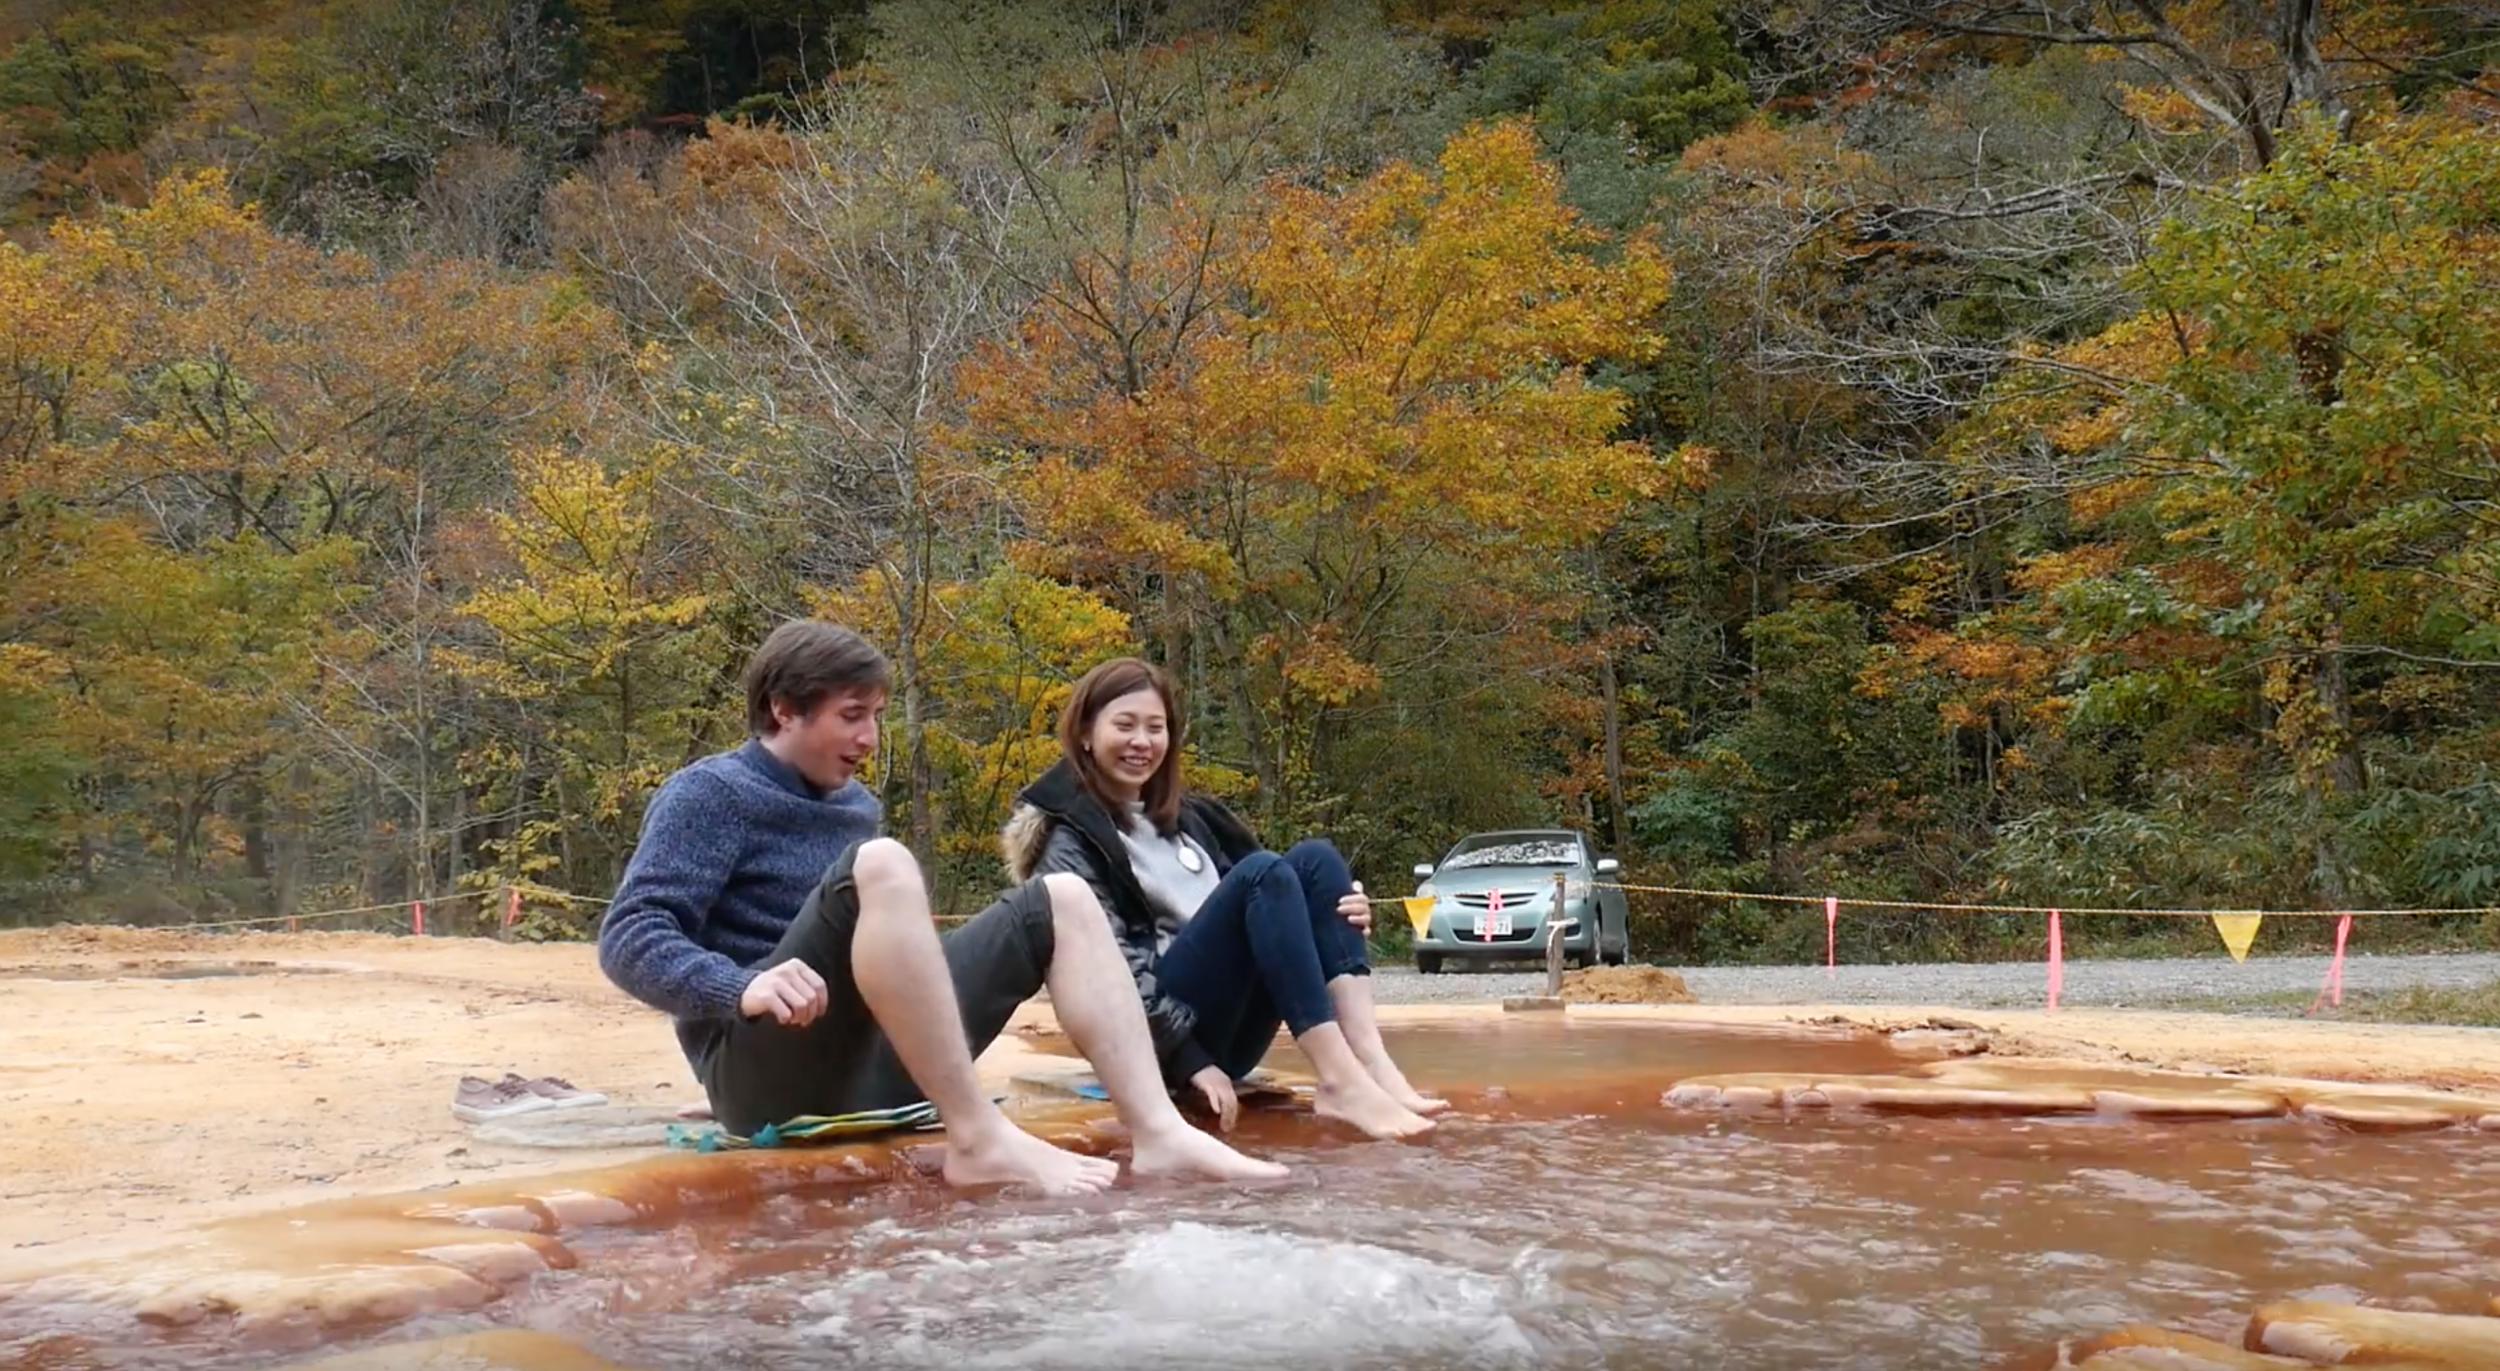 A natural footbath!